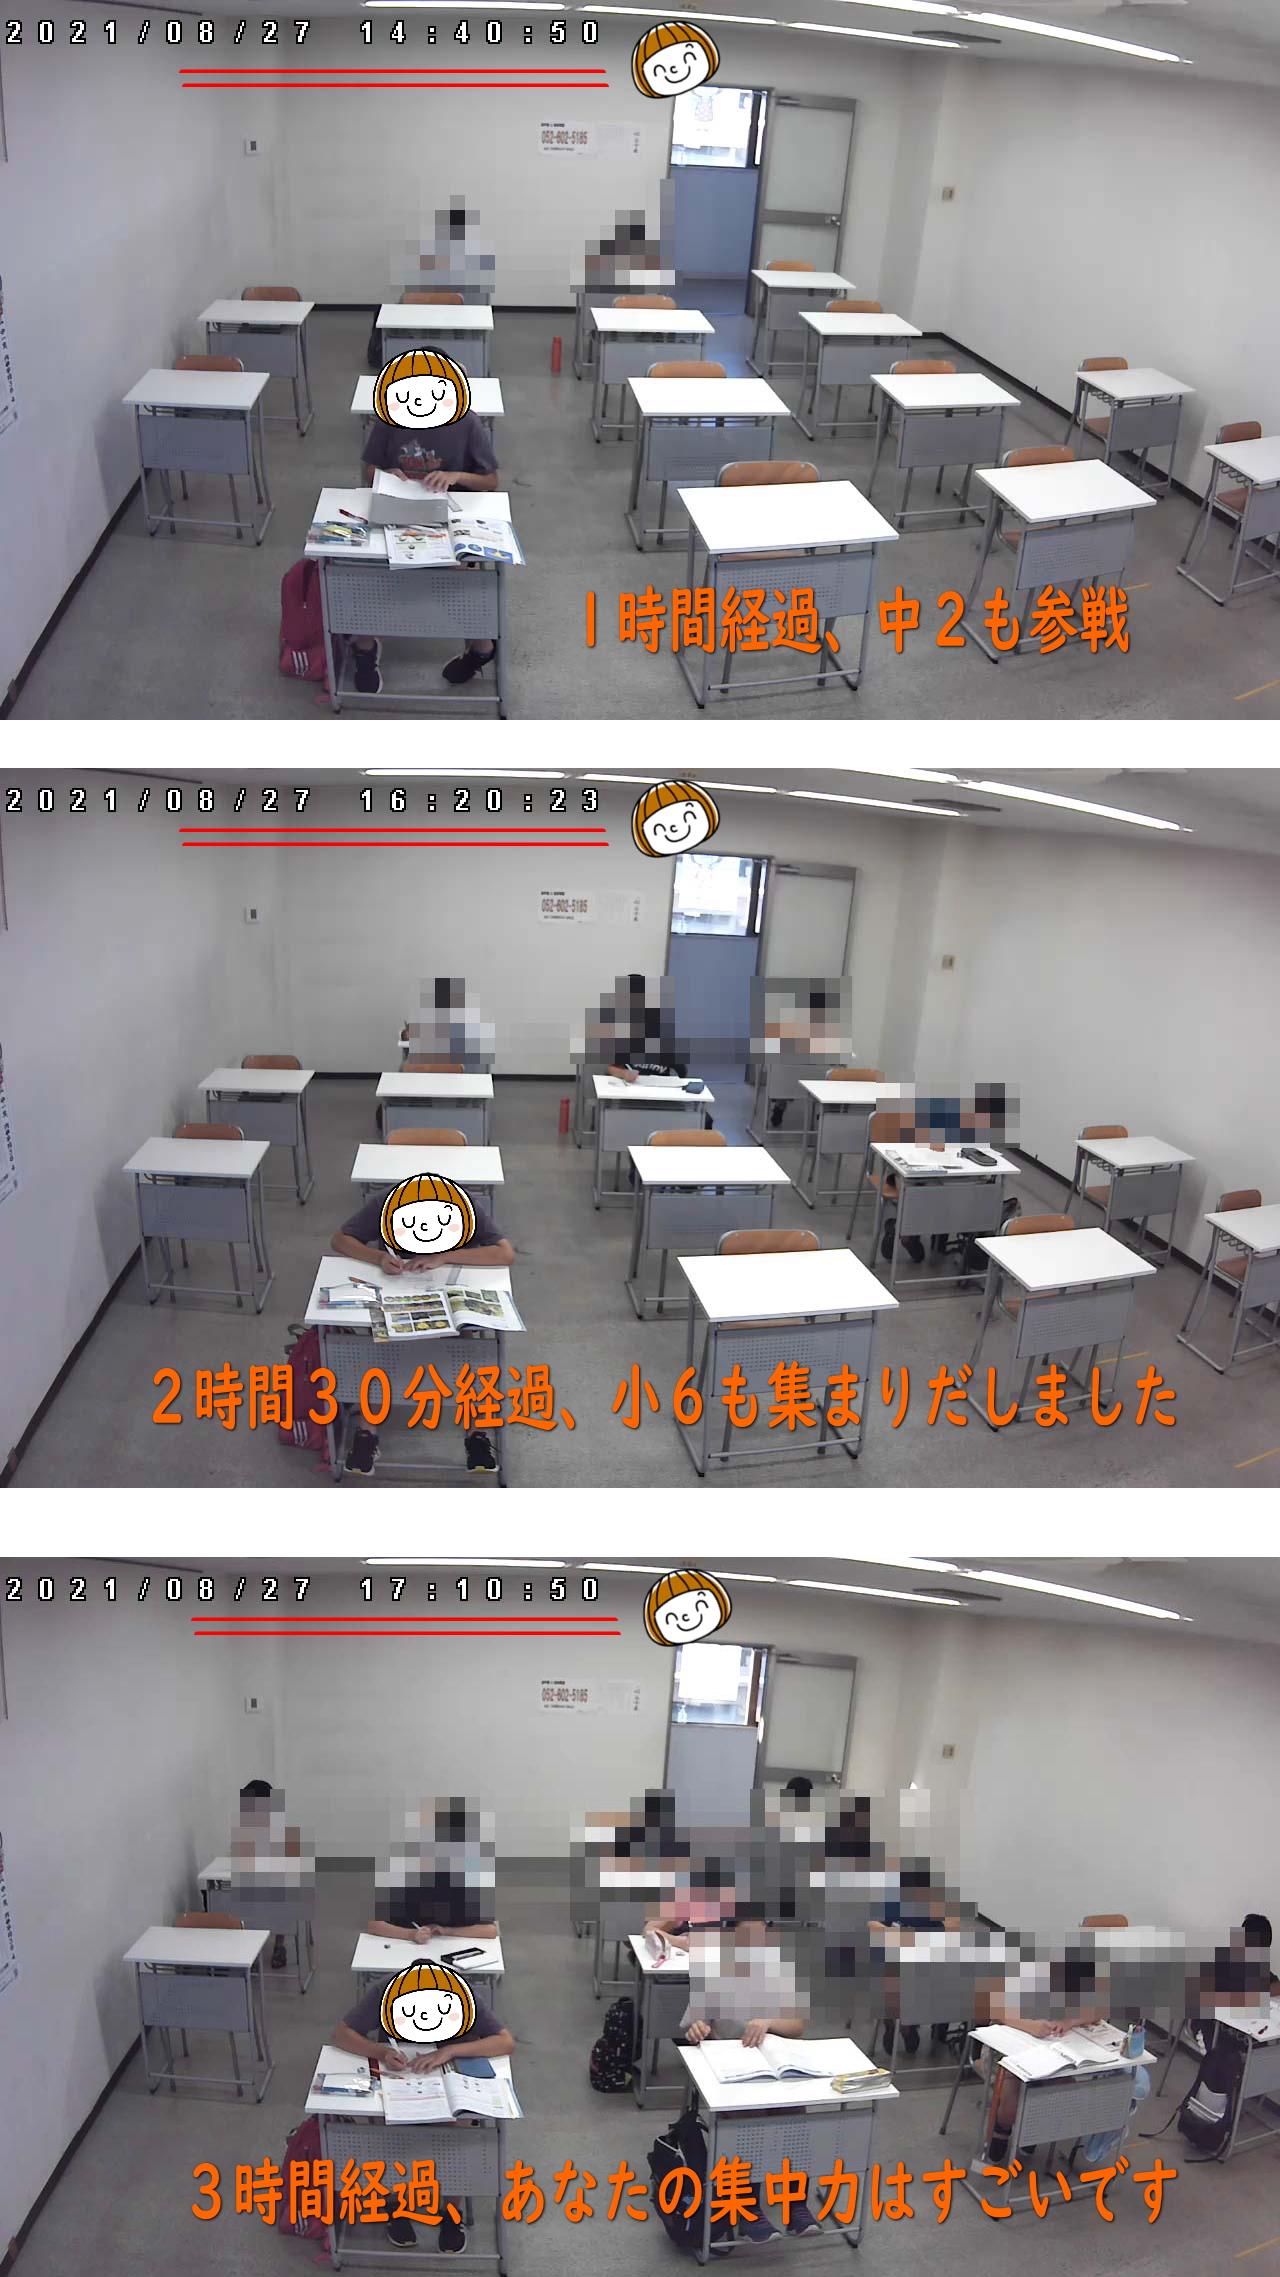 20210827三時間耐久自習室